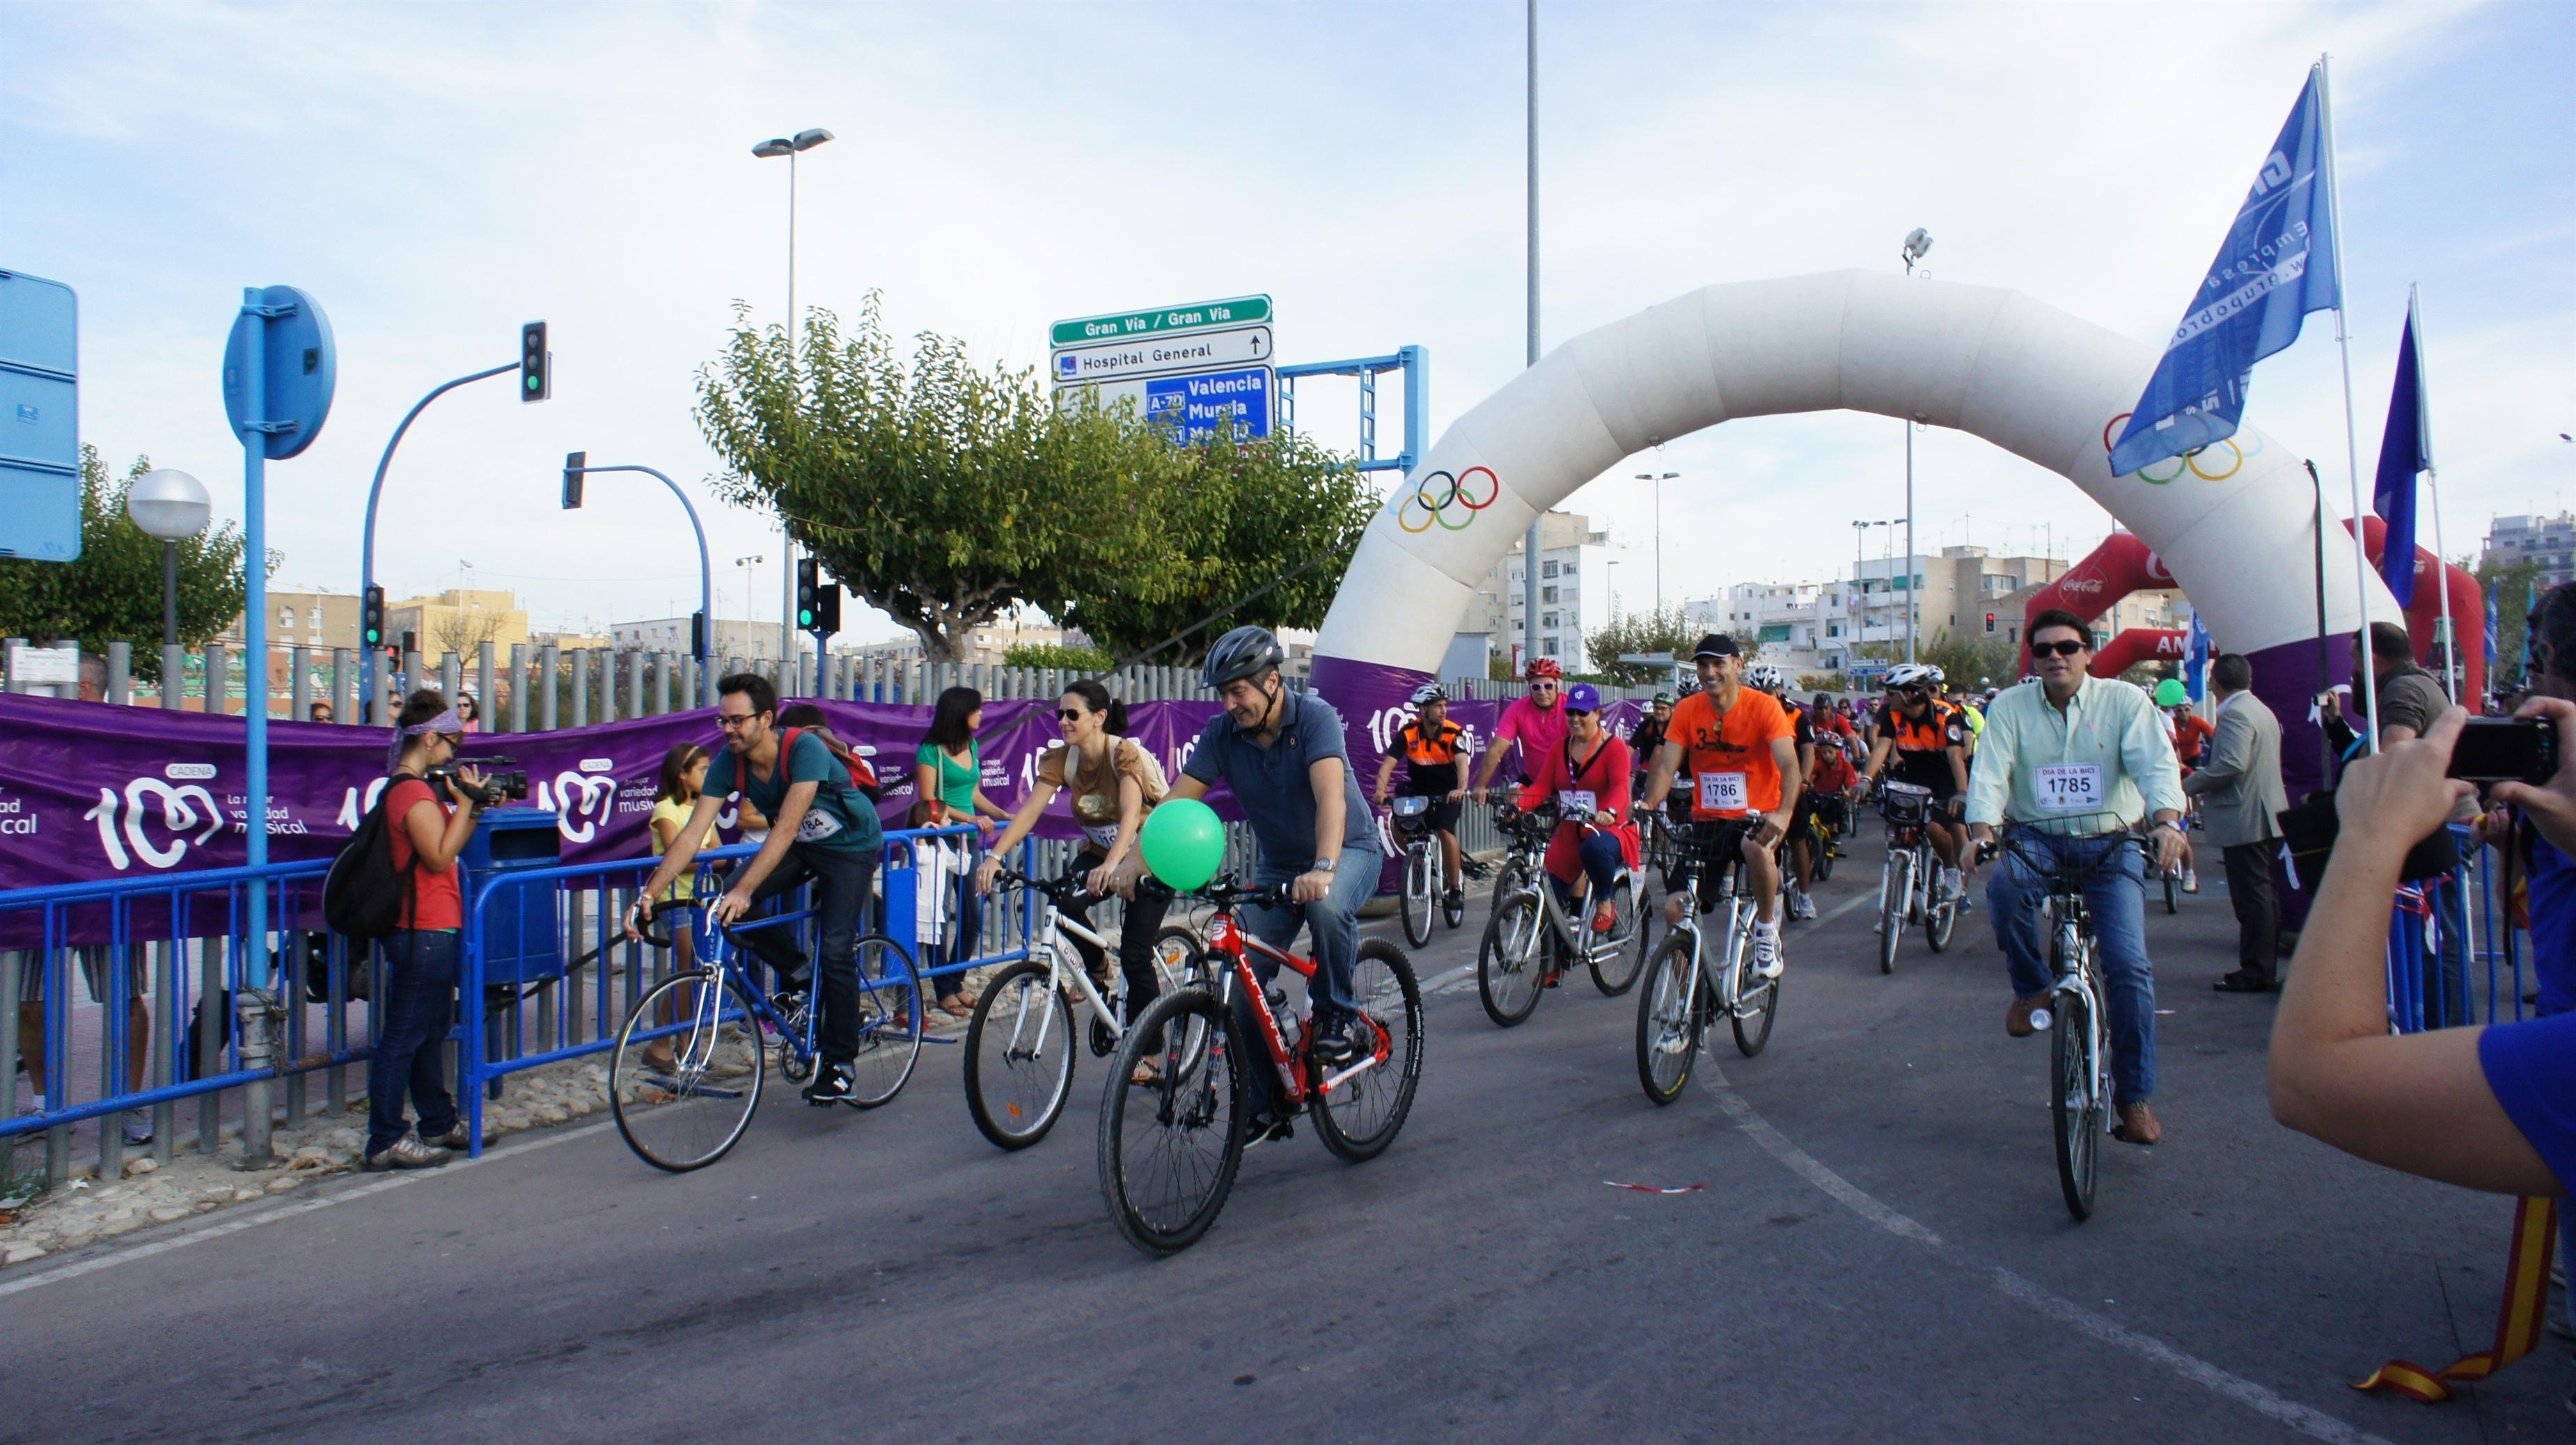 La segunda edición del Día de la Bici moviliza a más de 2.000 ciclistas